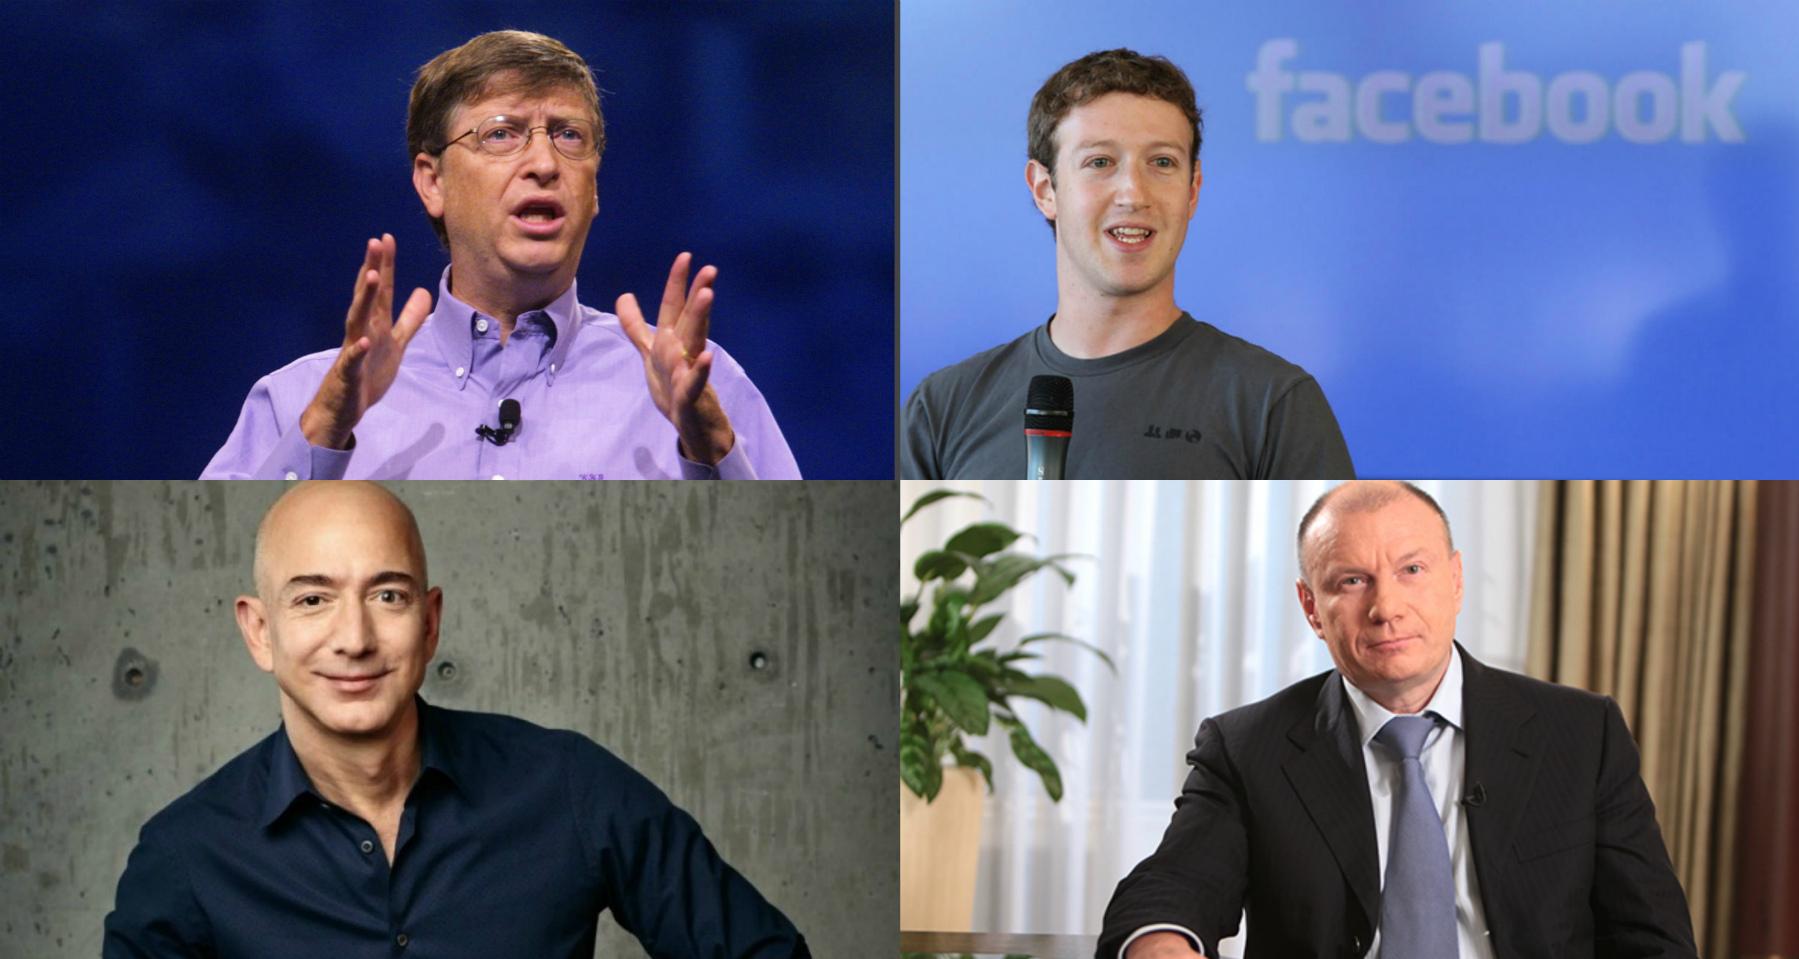 Ինչպիսի ուսանողներ էին աշխարհի ամենահարուստ մարդիկ